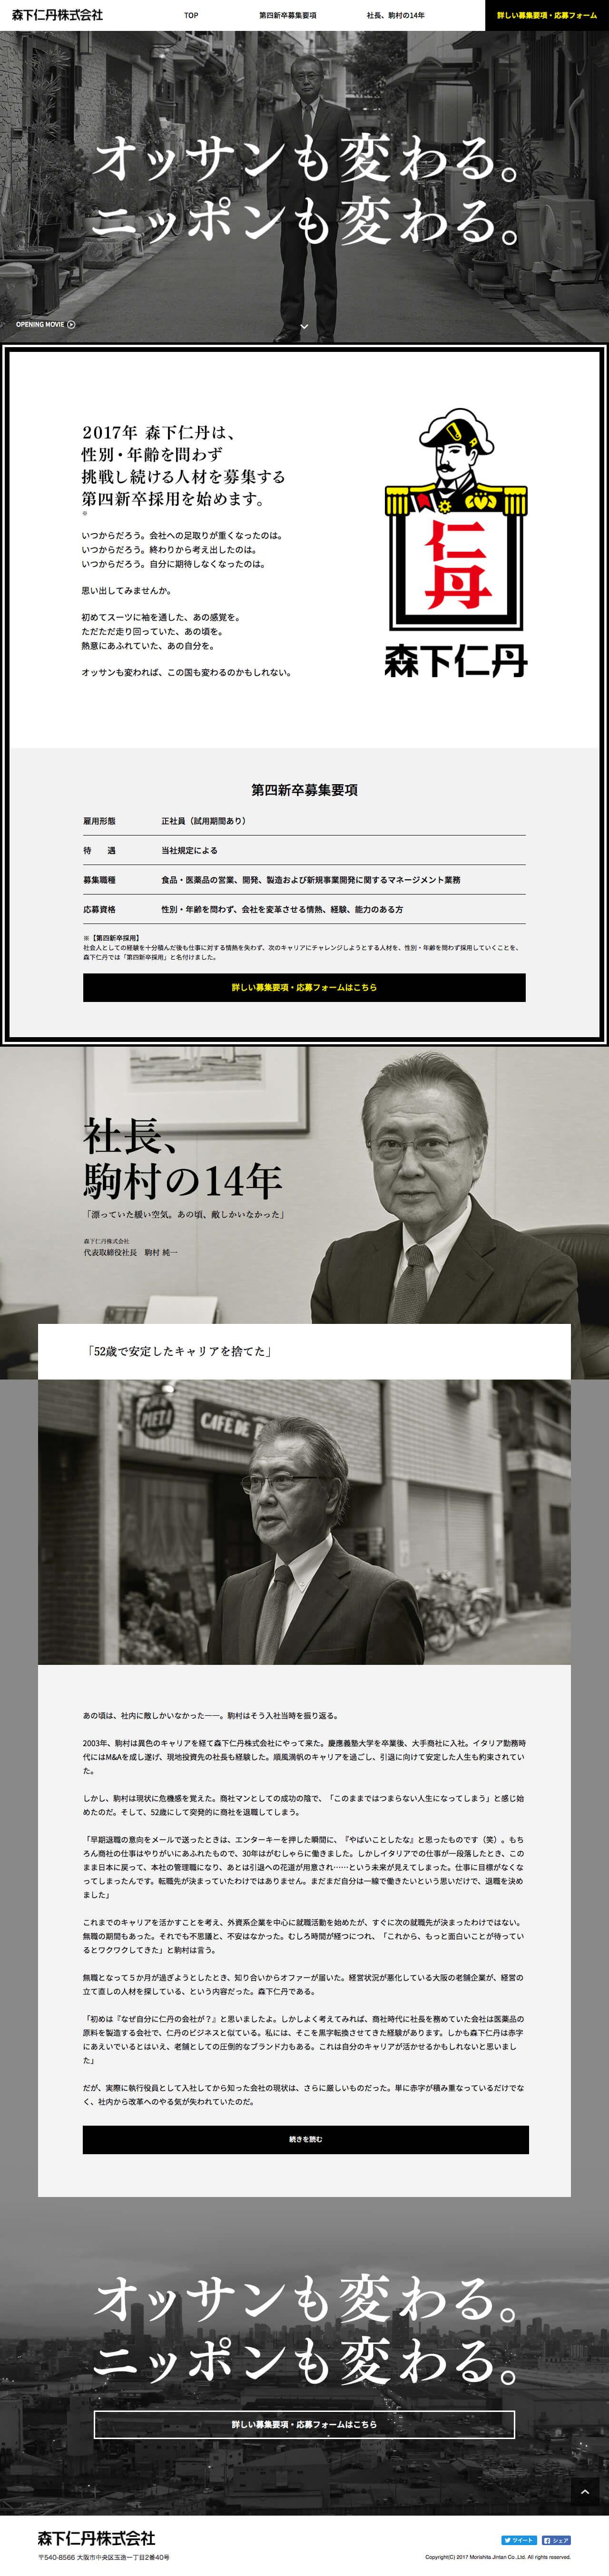 森下 仁丹 株式 会社